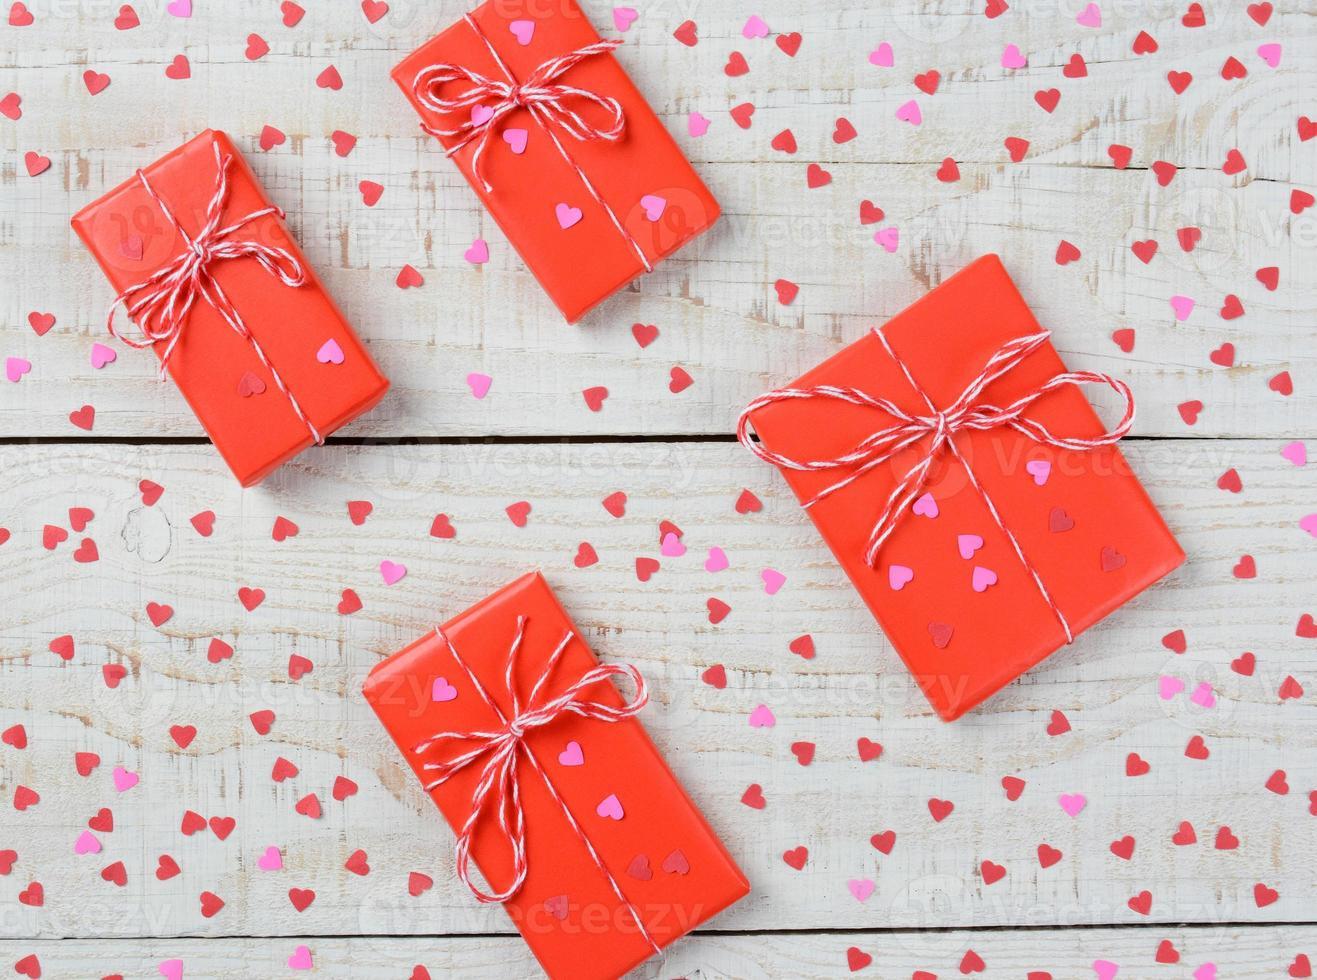 Cadeaux et coeurs de la Saint-Valentin gros plan photo